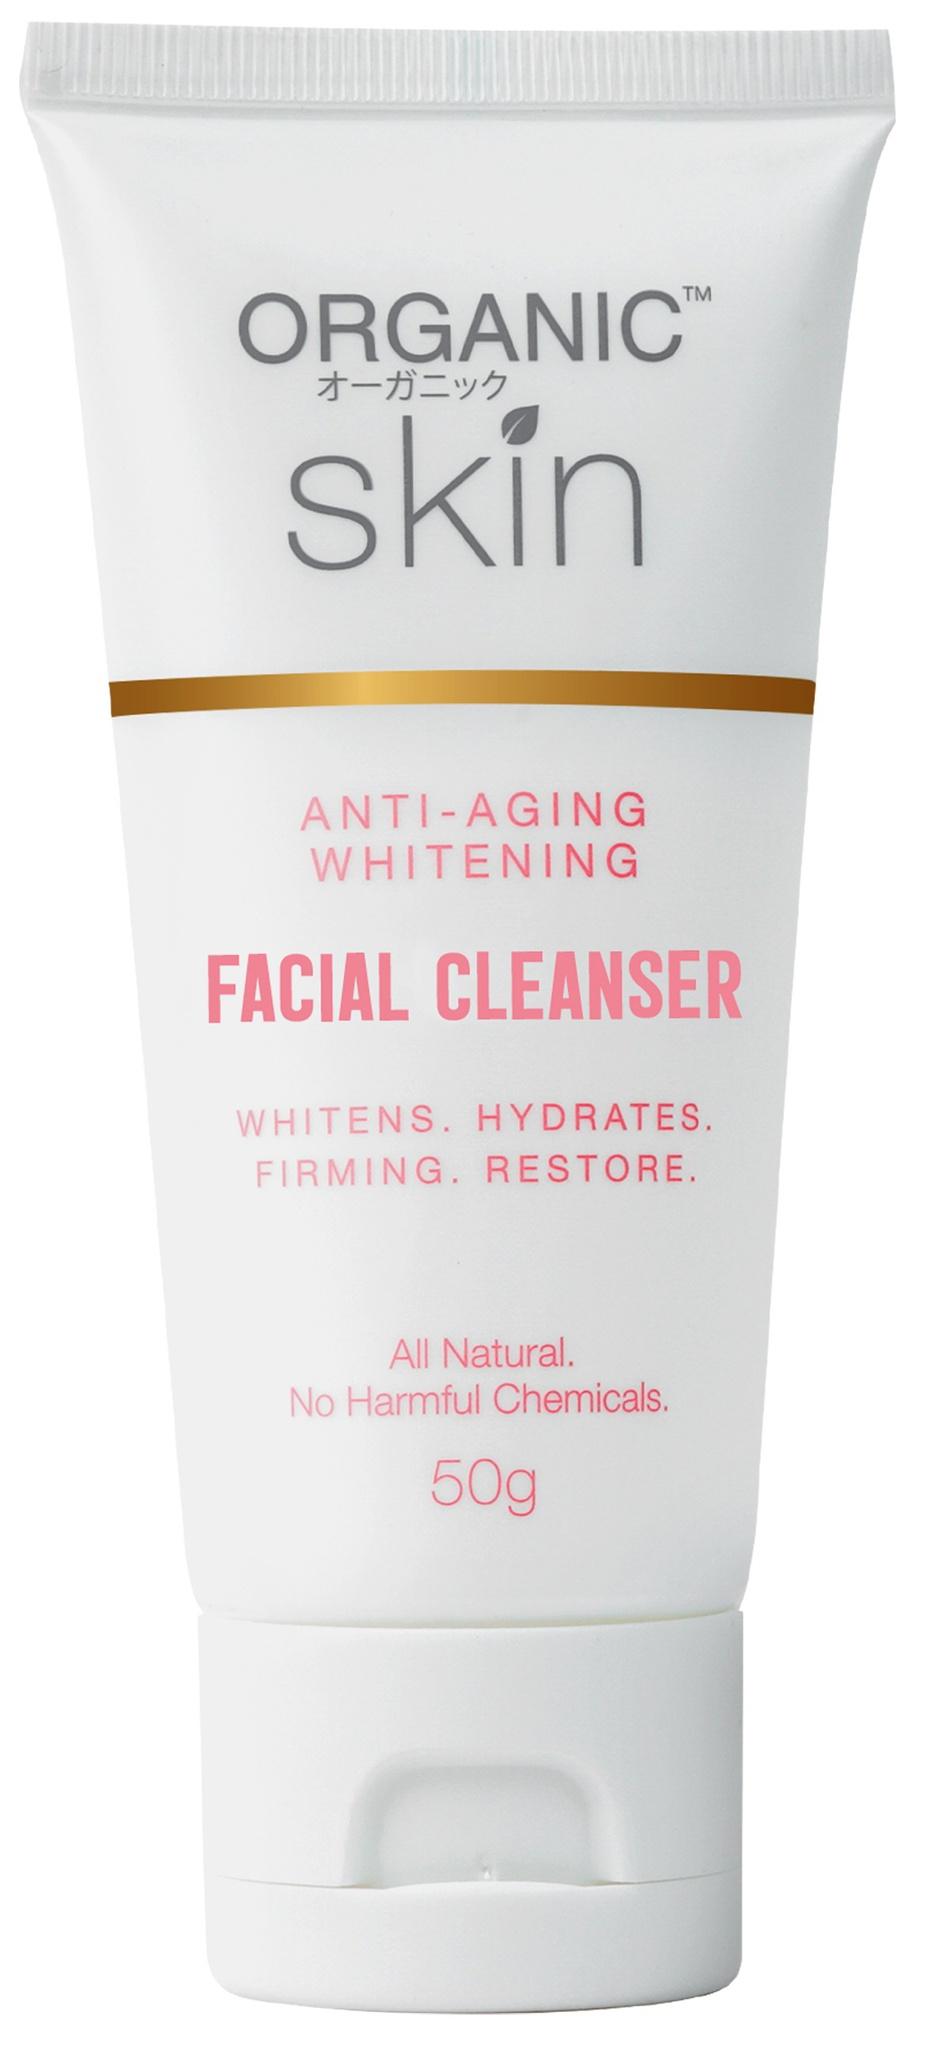 Organic Skin Anti-Aging Whitening Facial Cleanser